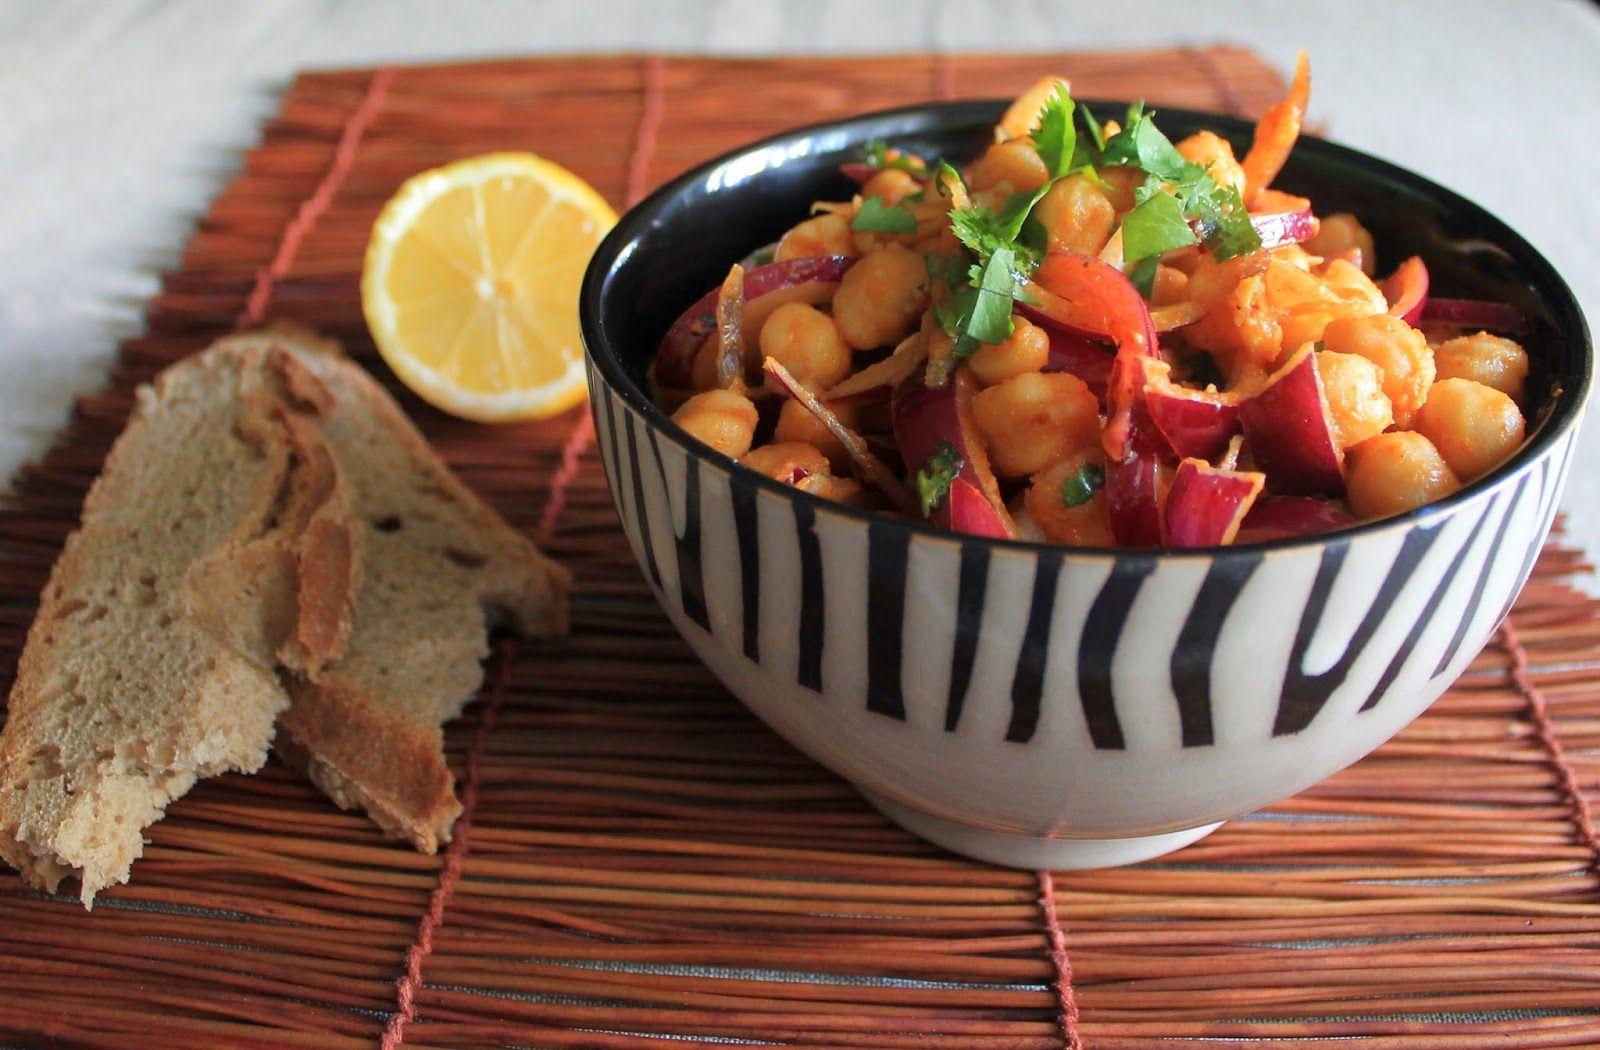 PRINCIPIANDO EN LA COCINA: Ensalada de garbanzos con cebolla y pimentón